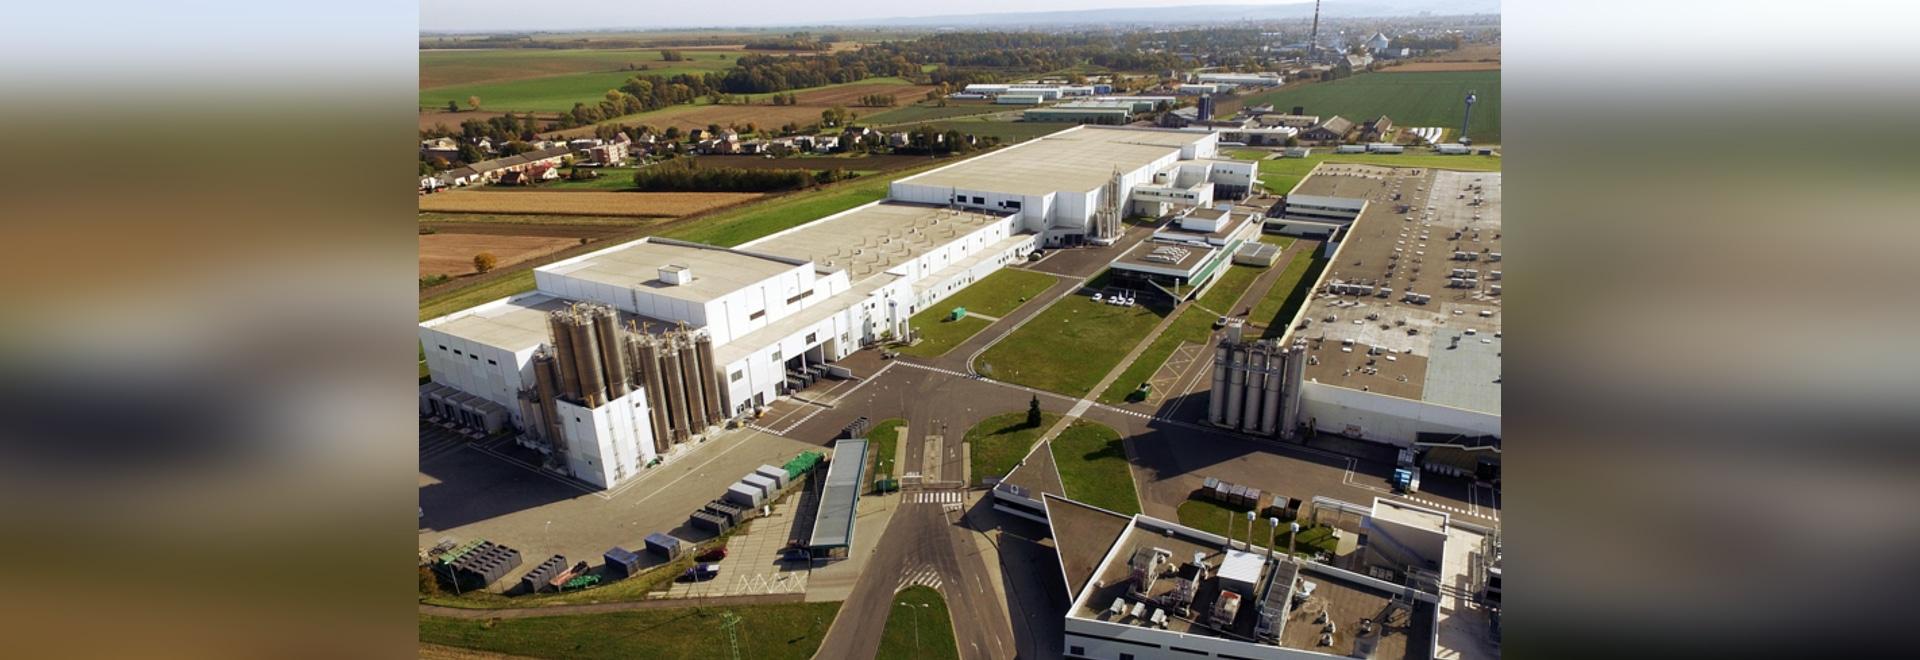 Mondelez Internationals Keks-Fabrik-Expansion, Opava, Tschechische Republik